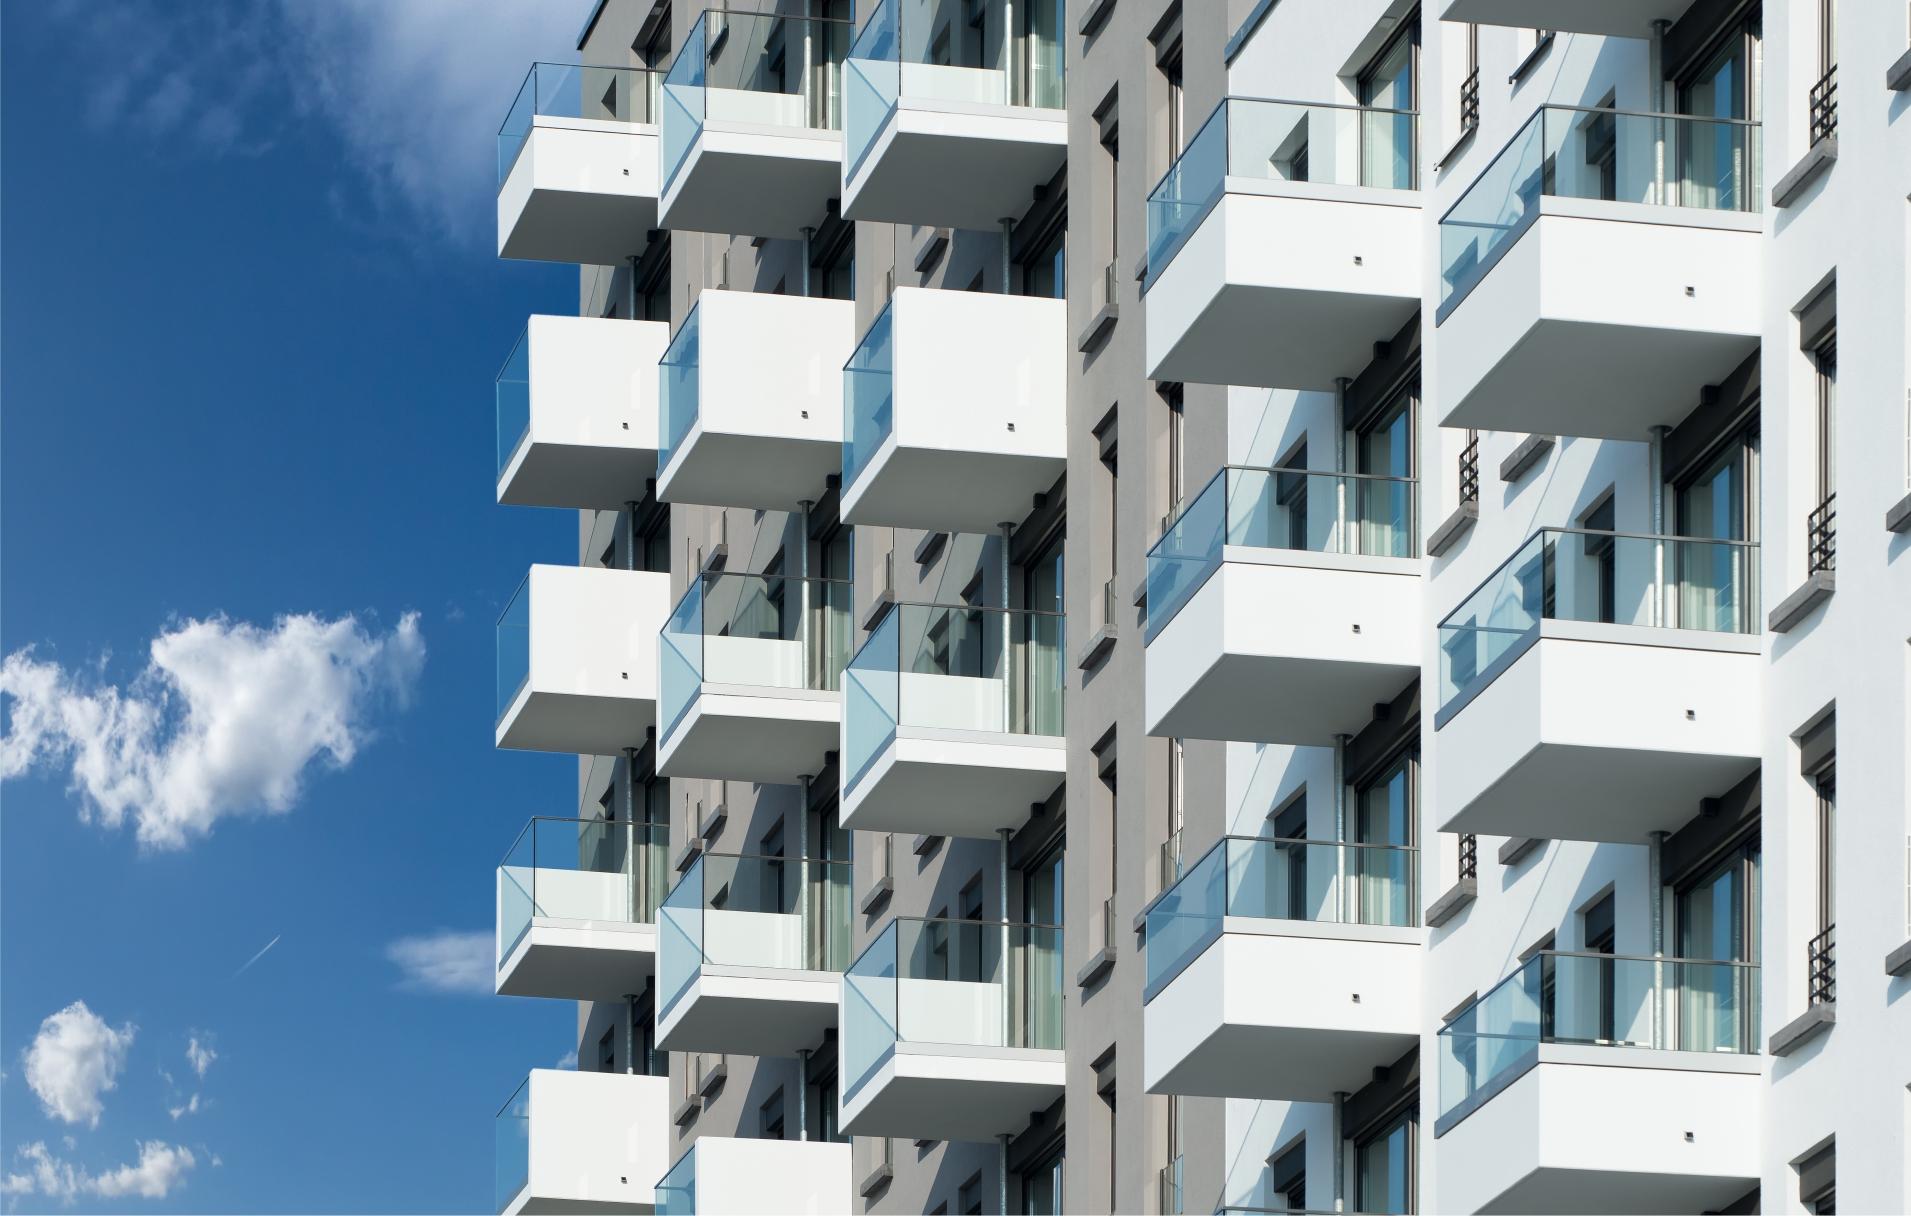 instrukcja-naprawy-ubytkow-na-plytach-zelbetowych-balkonu-tarasu-lub-loggi